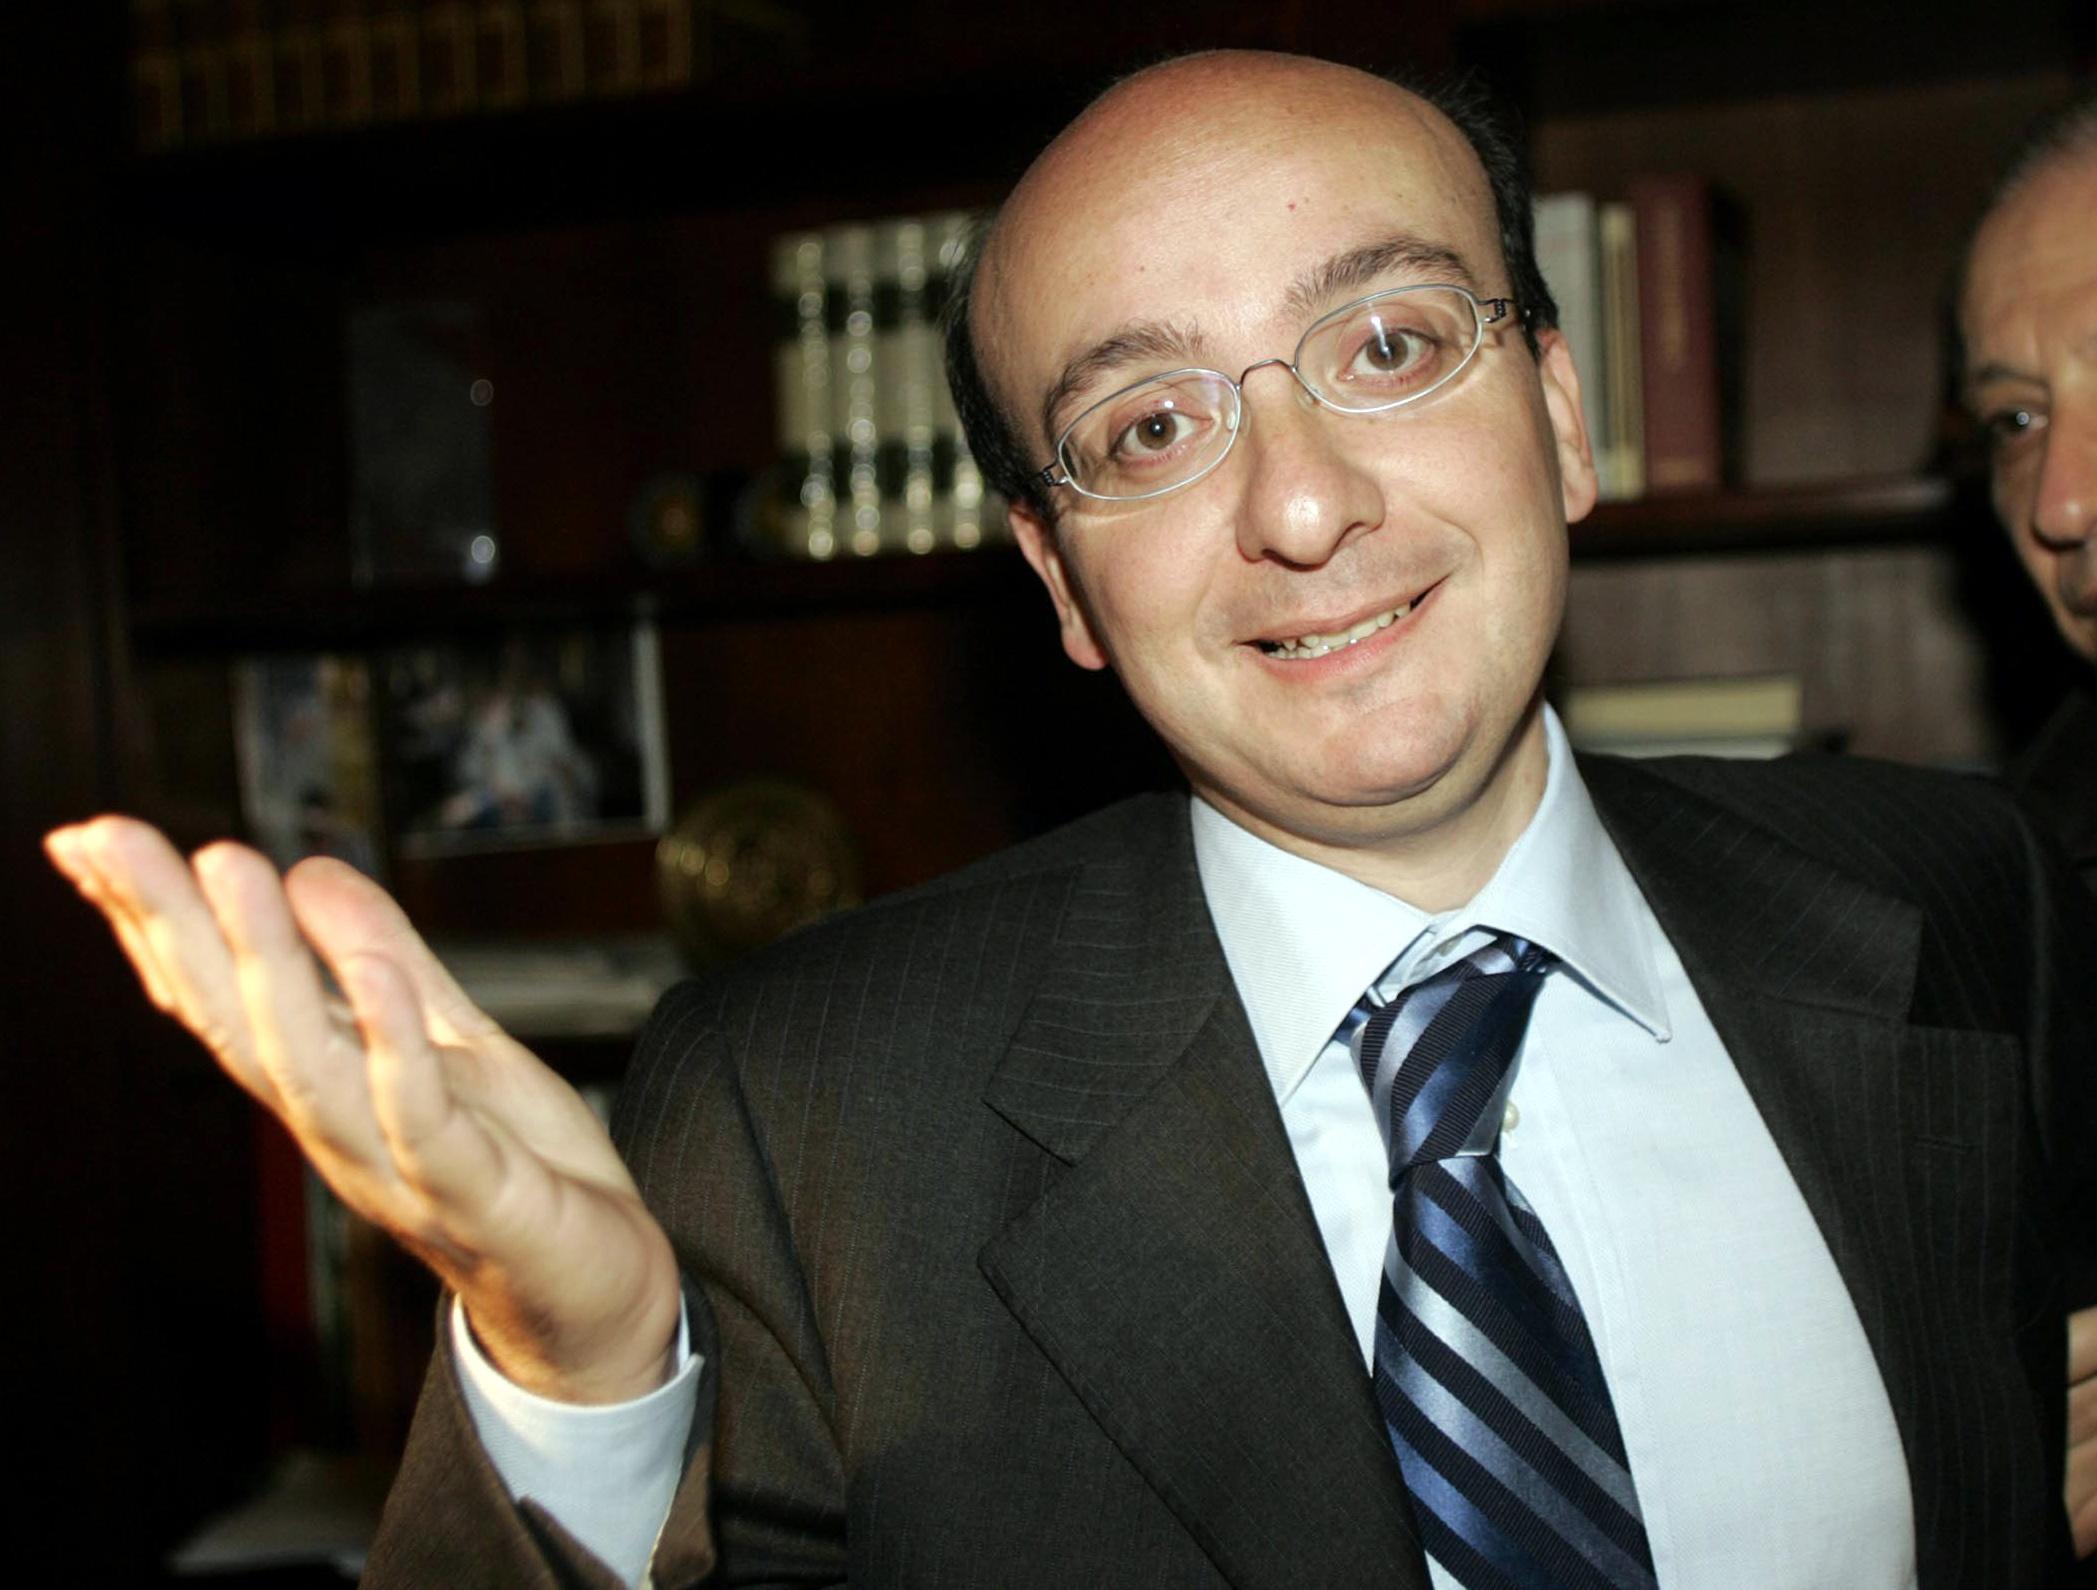 Condannato a 11 anni Francantonio Genovese